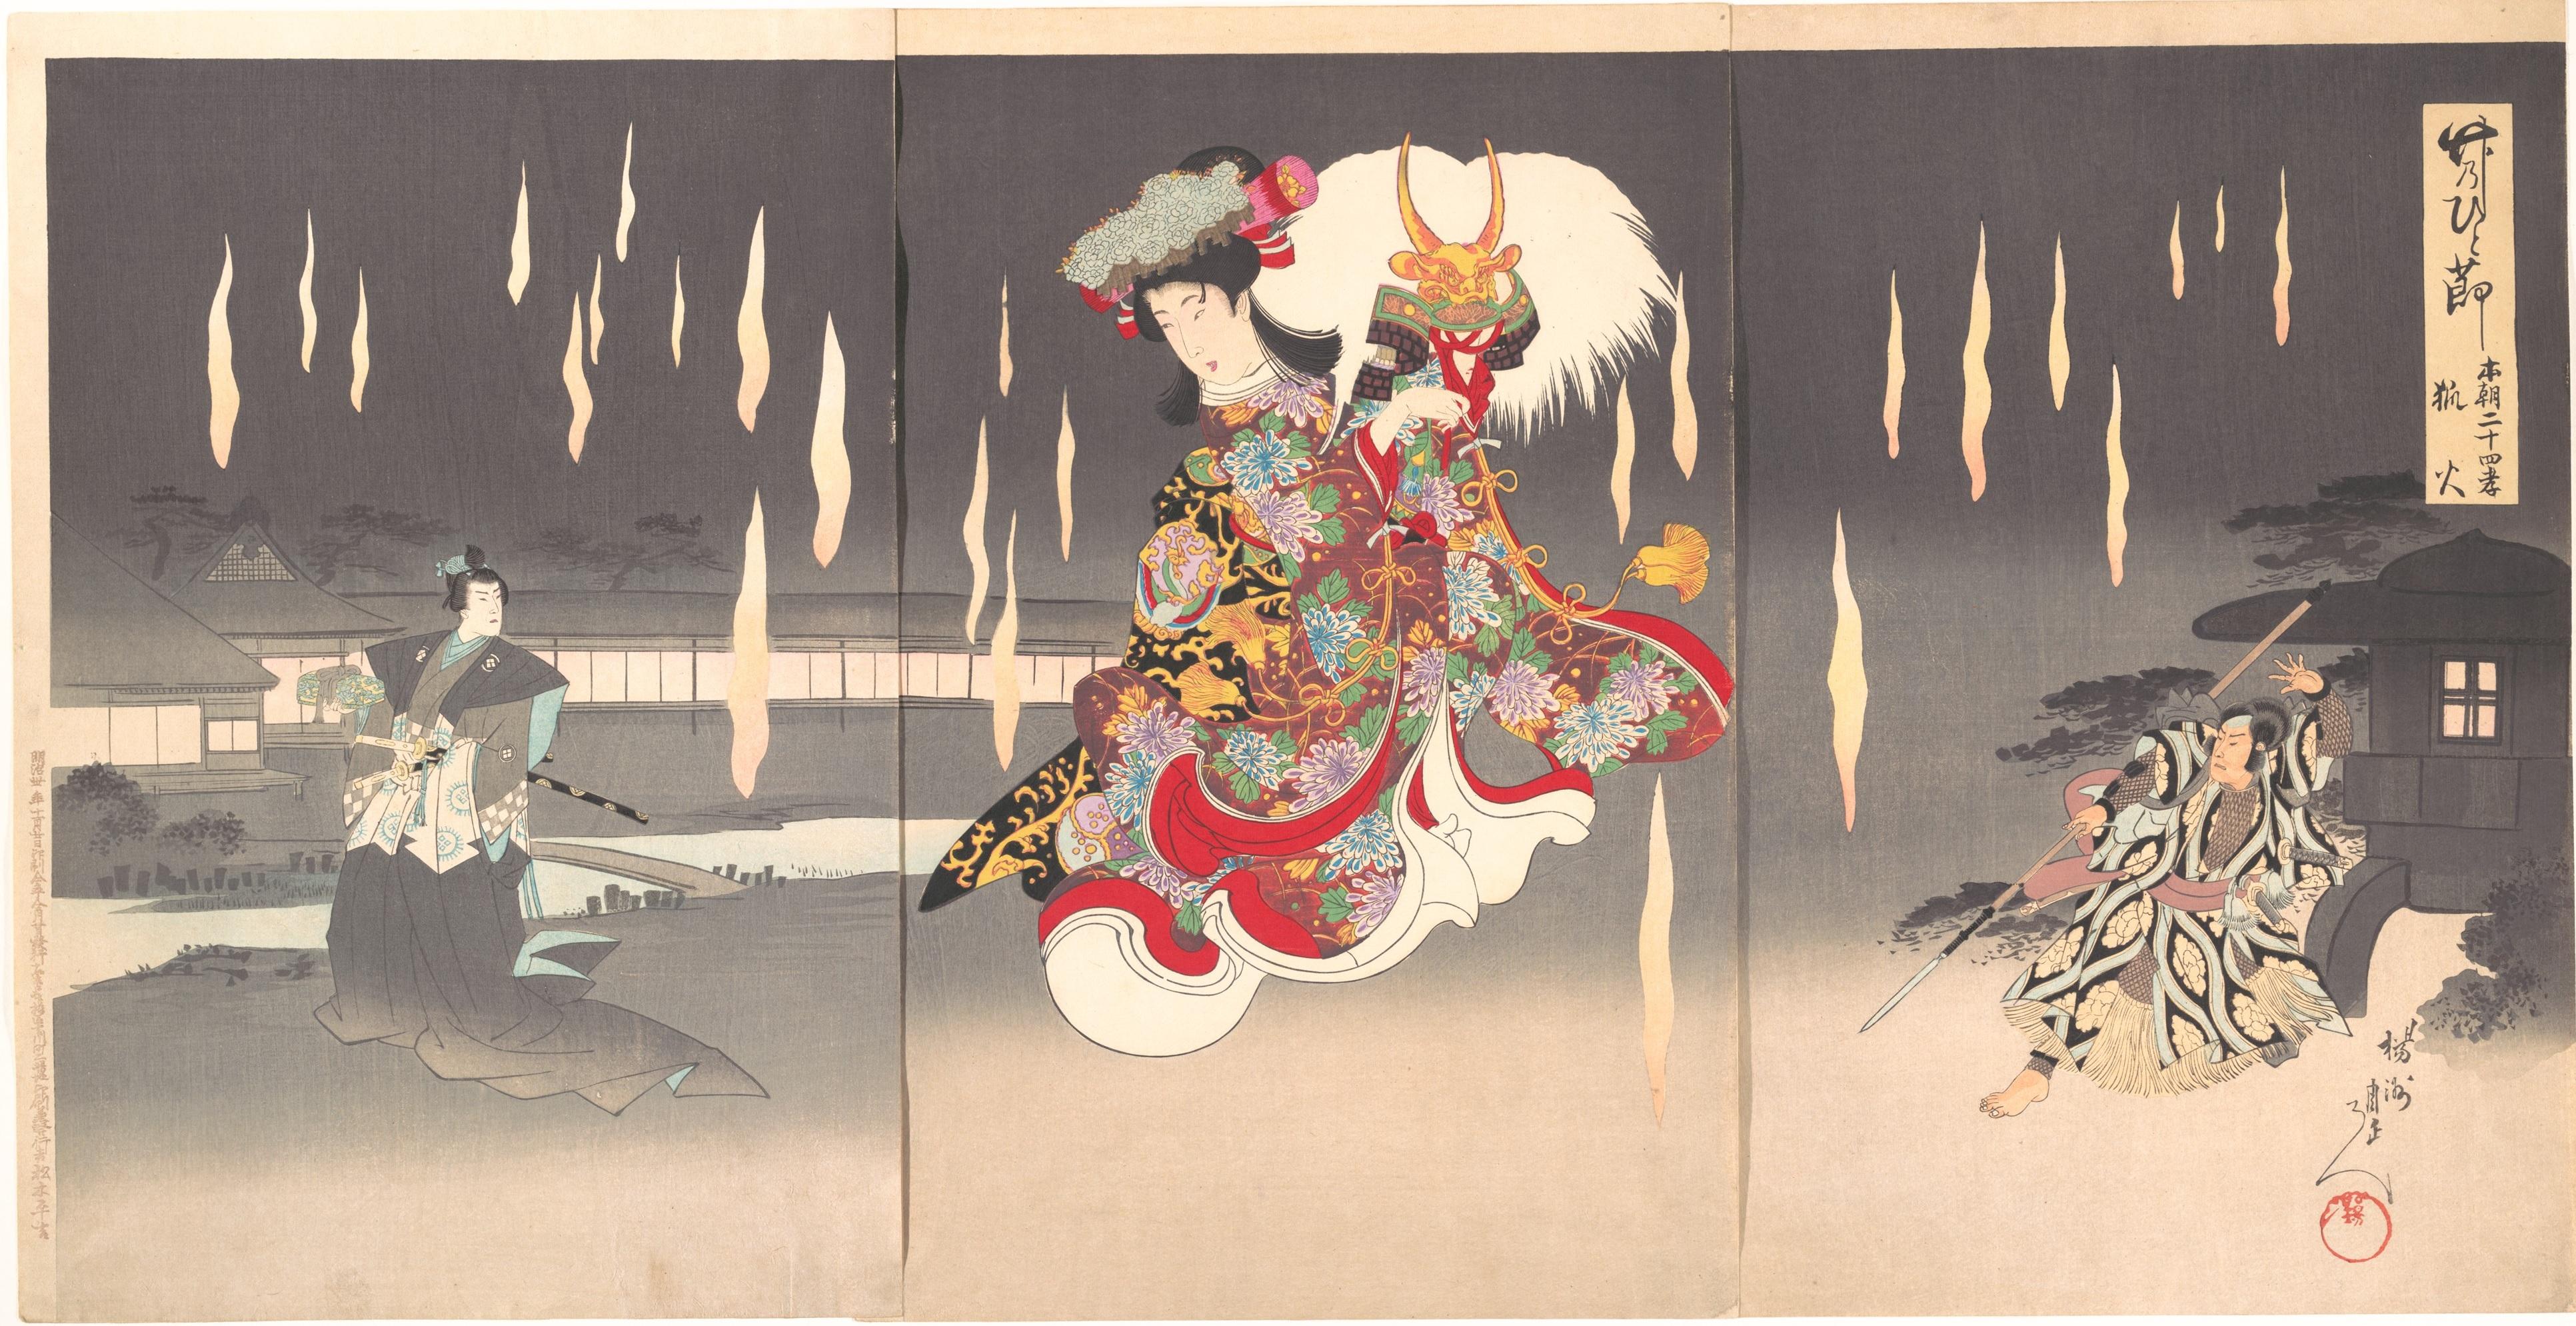 La princesse Yaegaki, animée par Kitsunebi – les feux du Renard – et emportant le casque béni de Suwa, retrouve Takeda Katsuyori